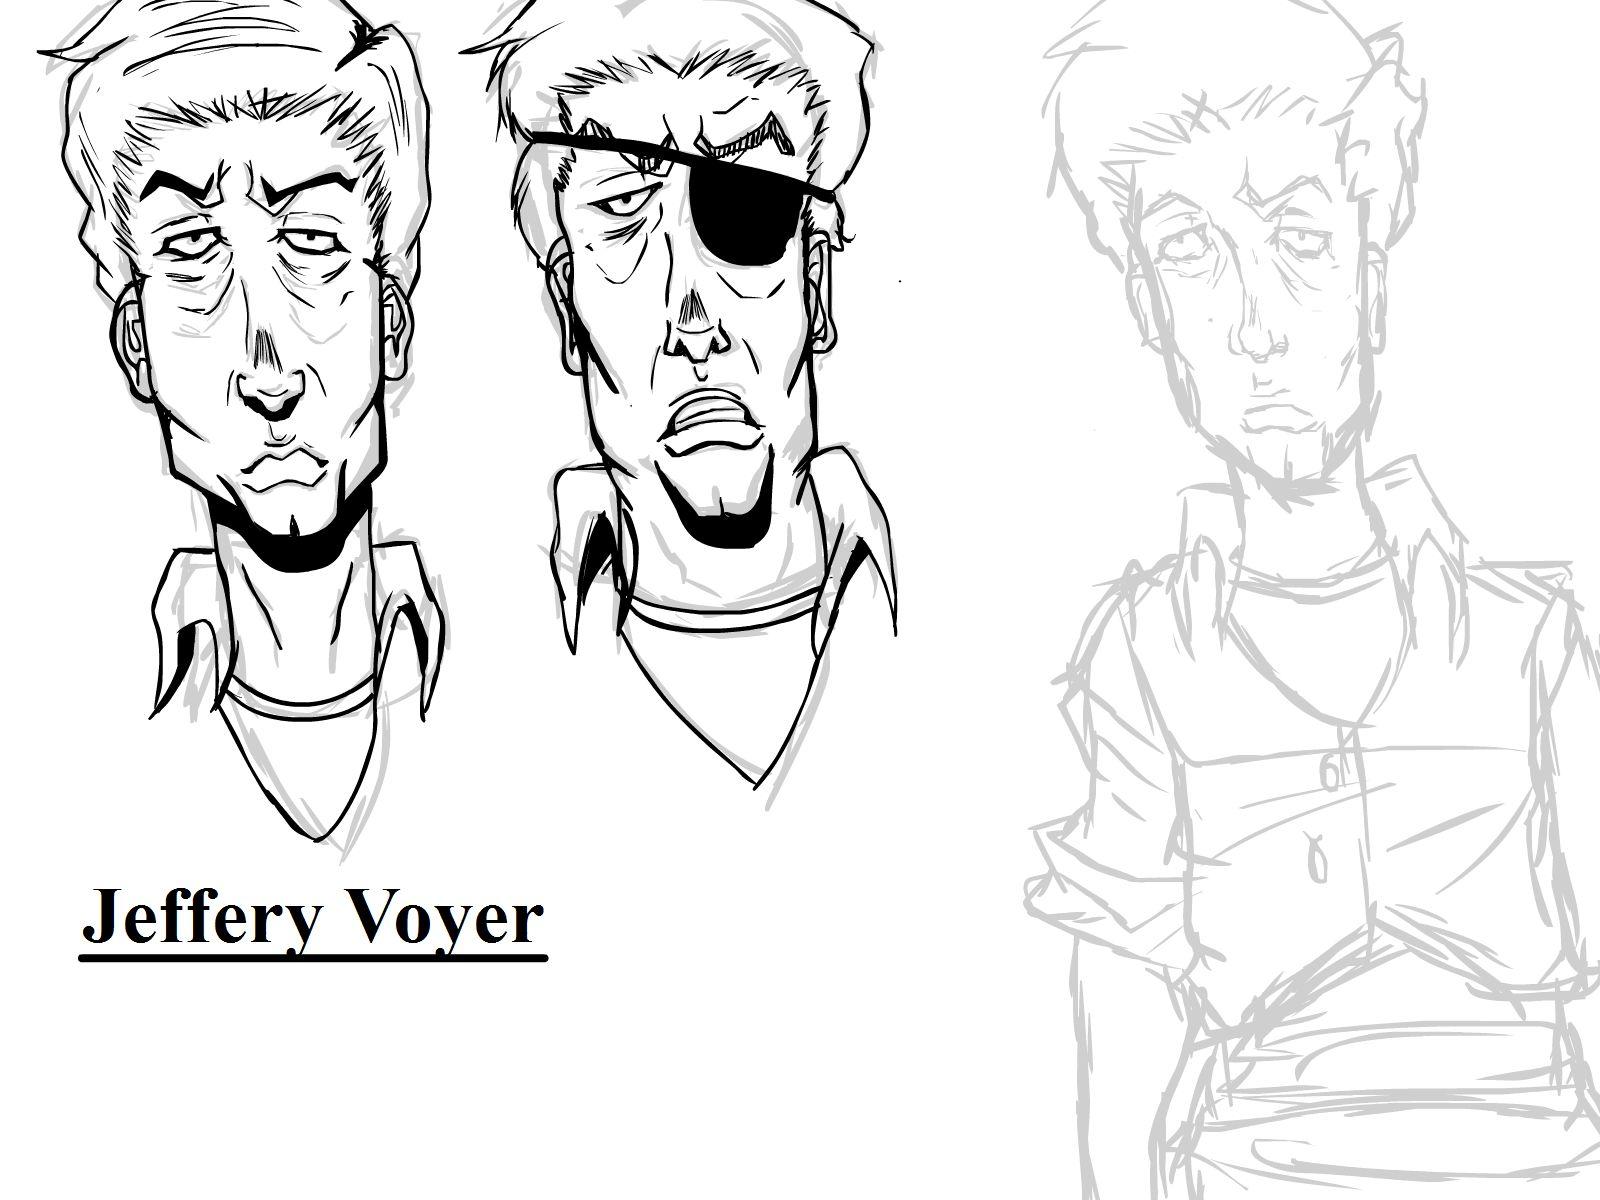 Jeffery Voyer